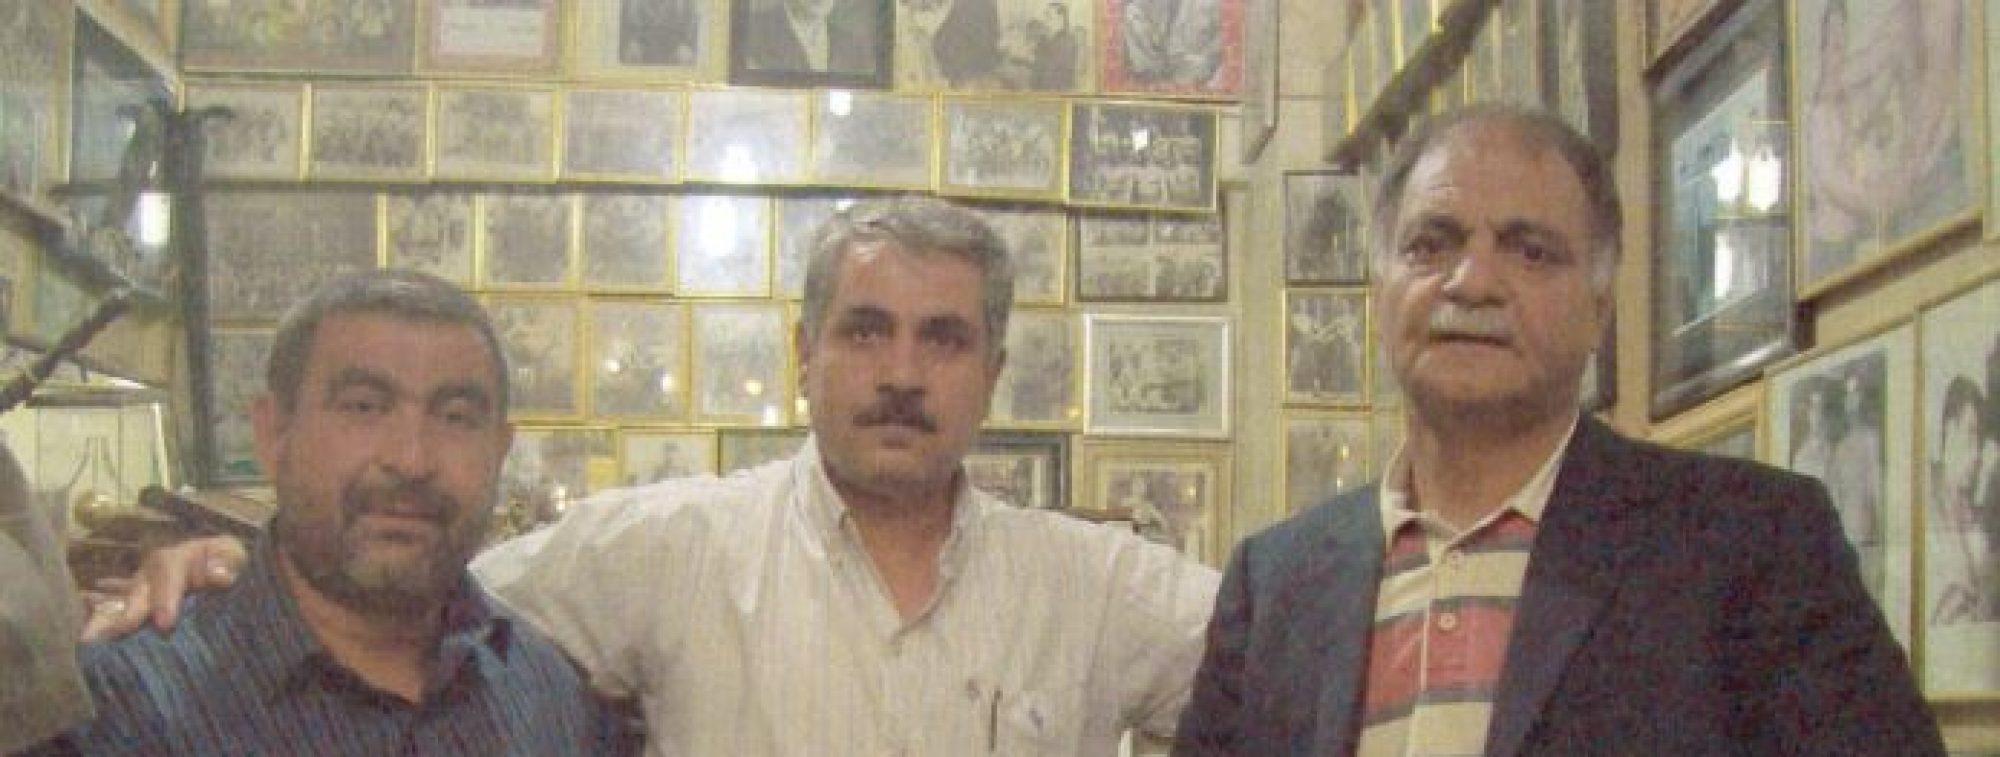 محمود کرمی